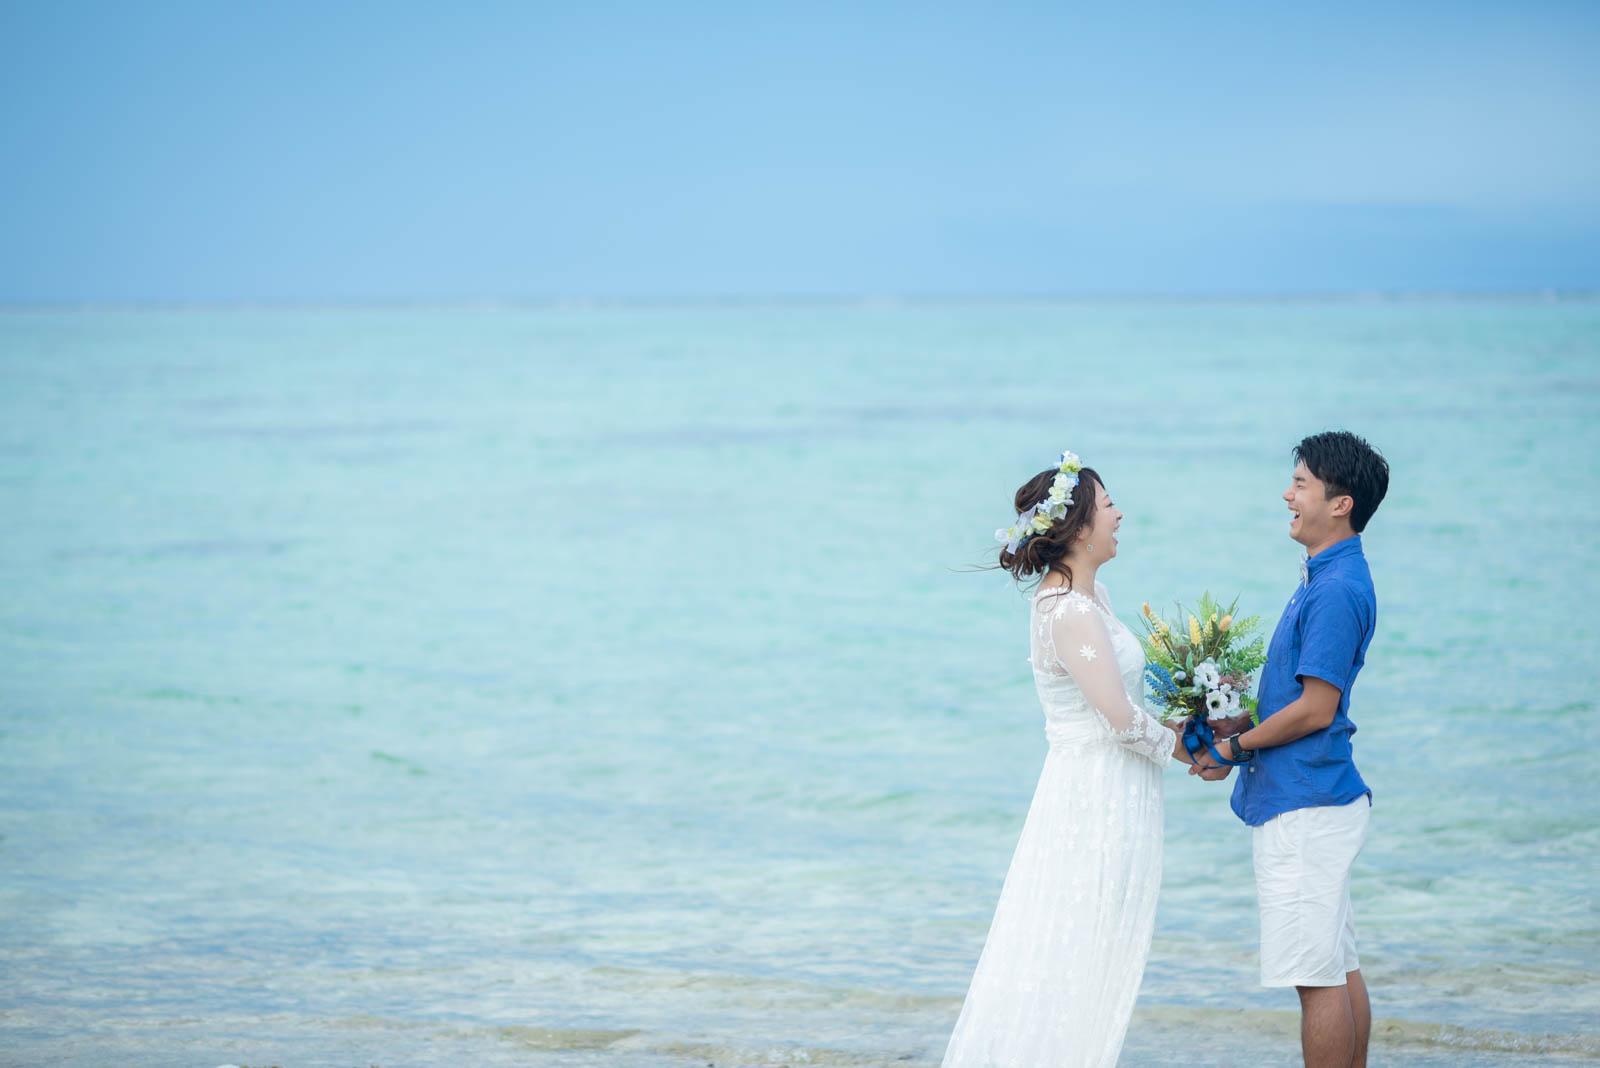 石垣島のビーチ